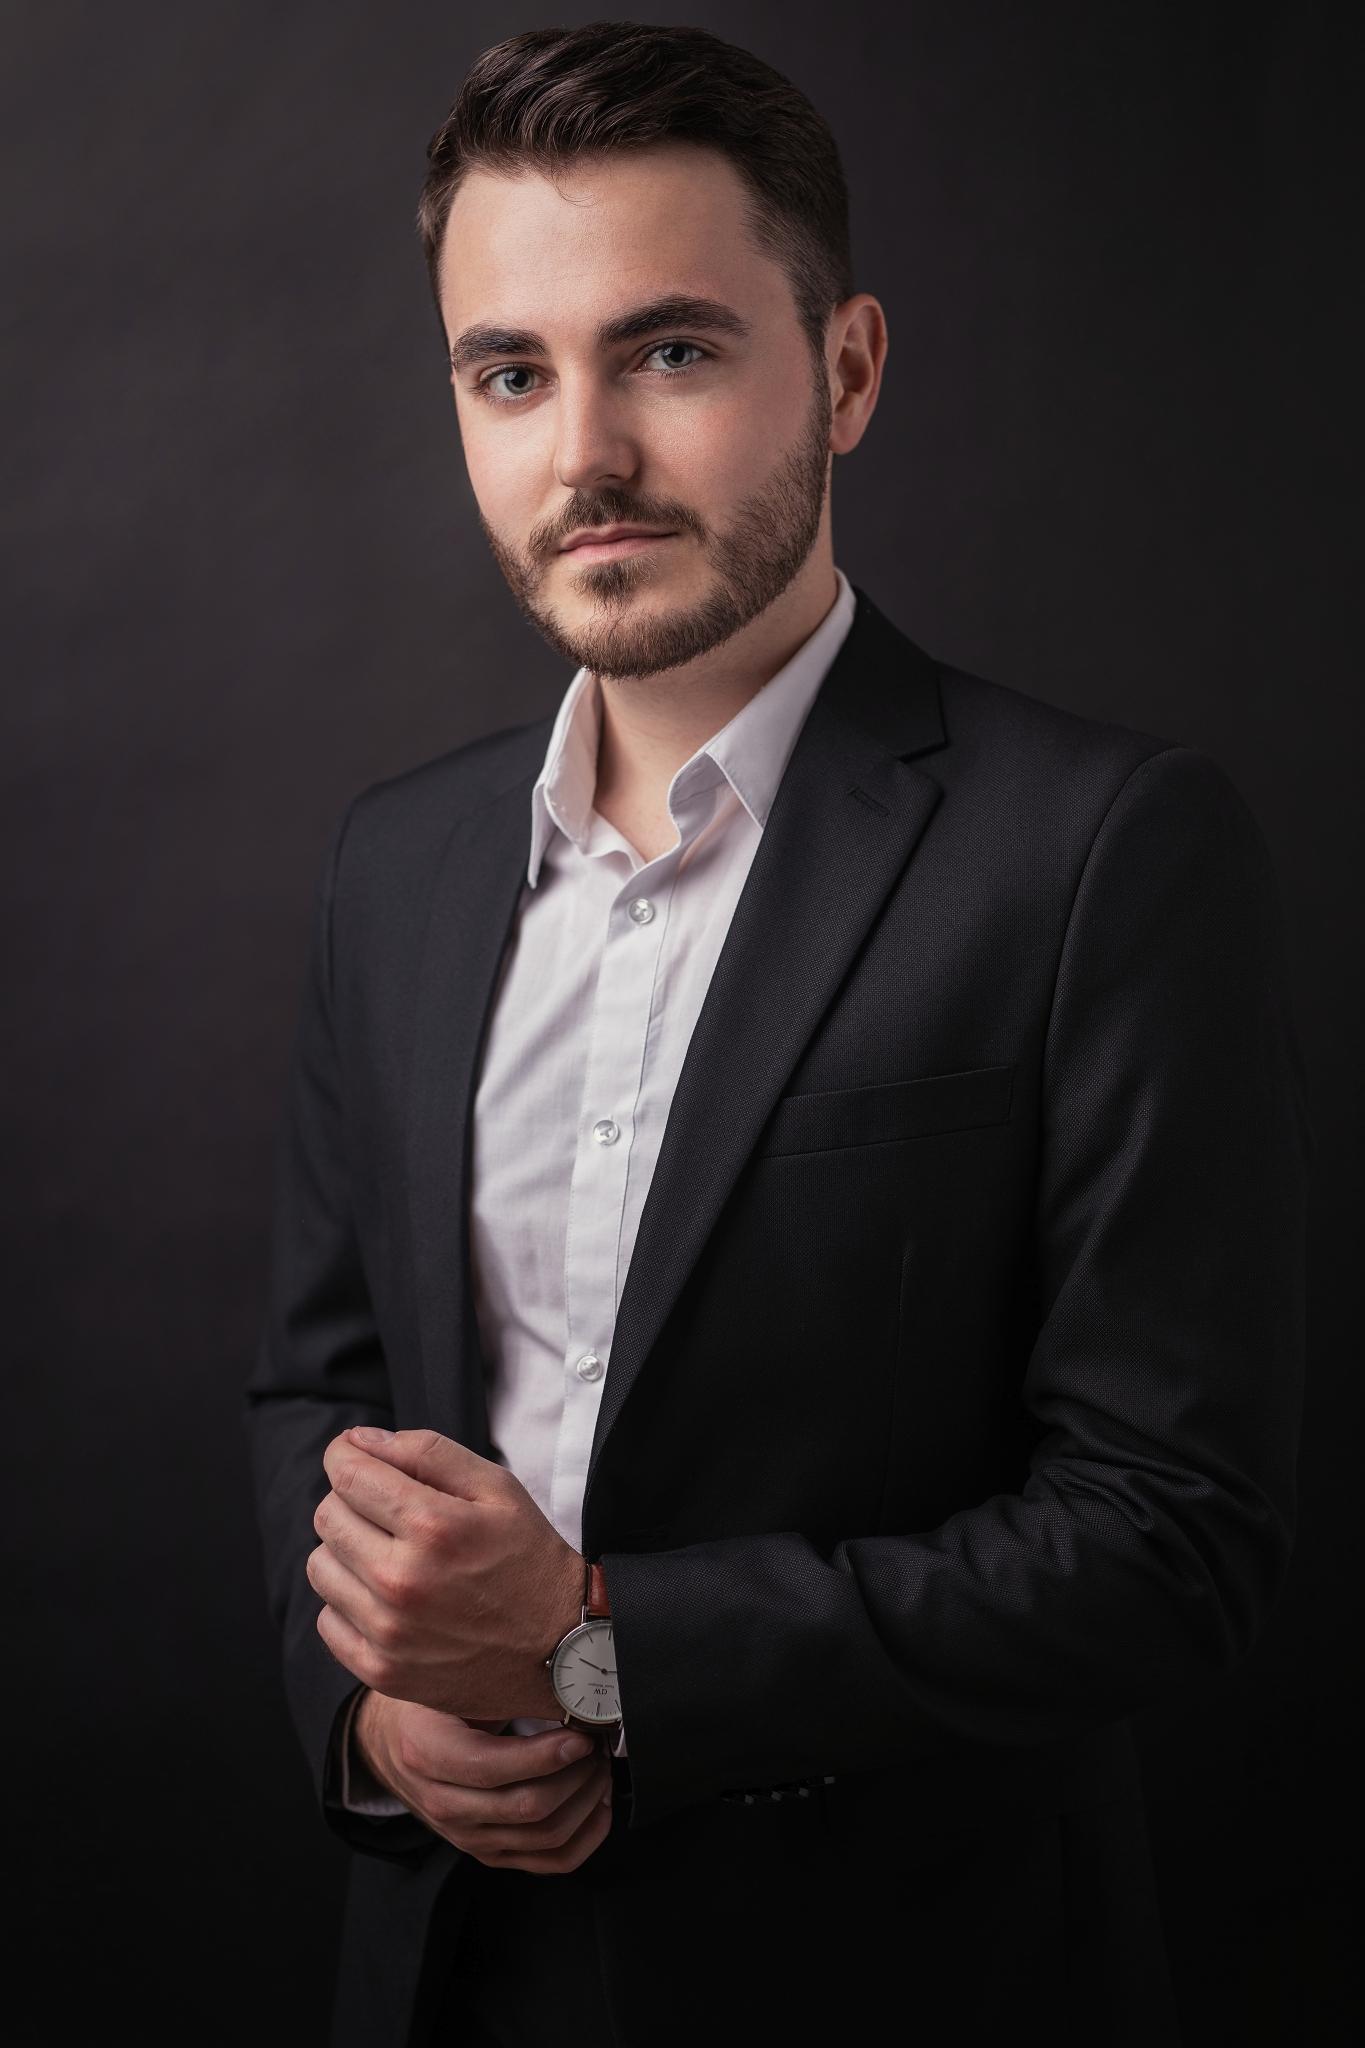 portrait professionnel corporate classique business lot-et-garonne marmande tonneins virazeil homme